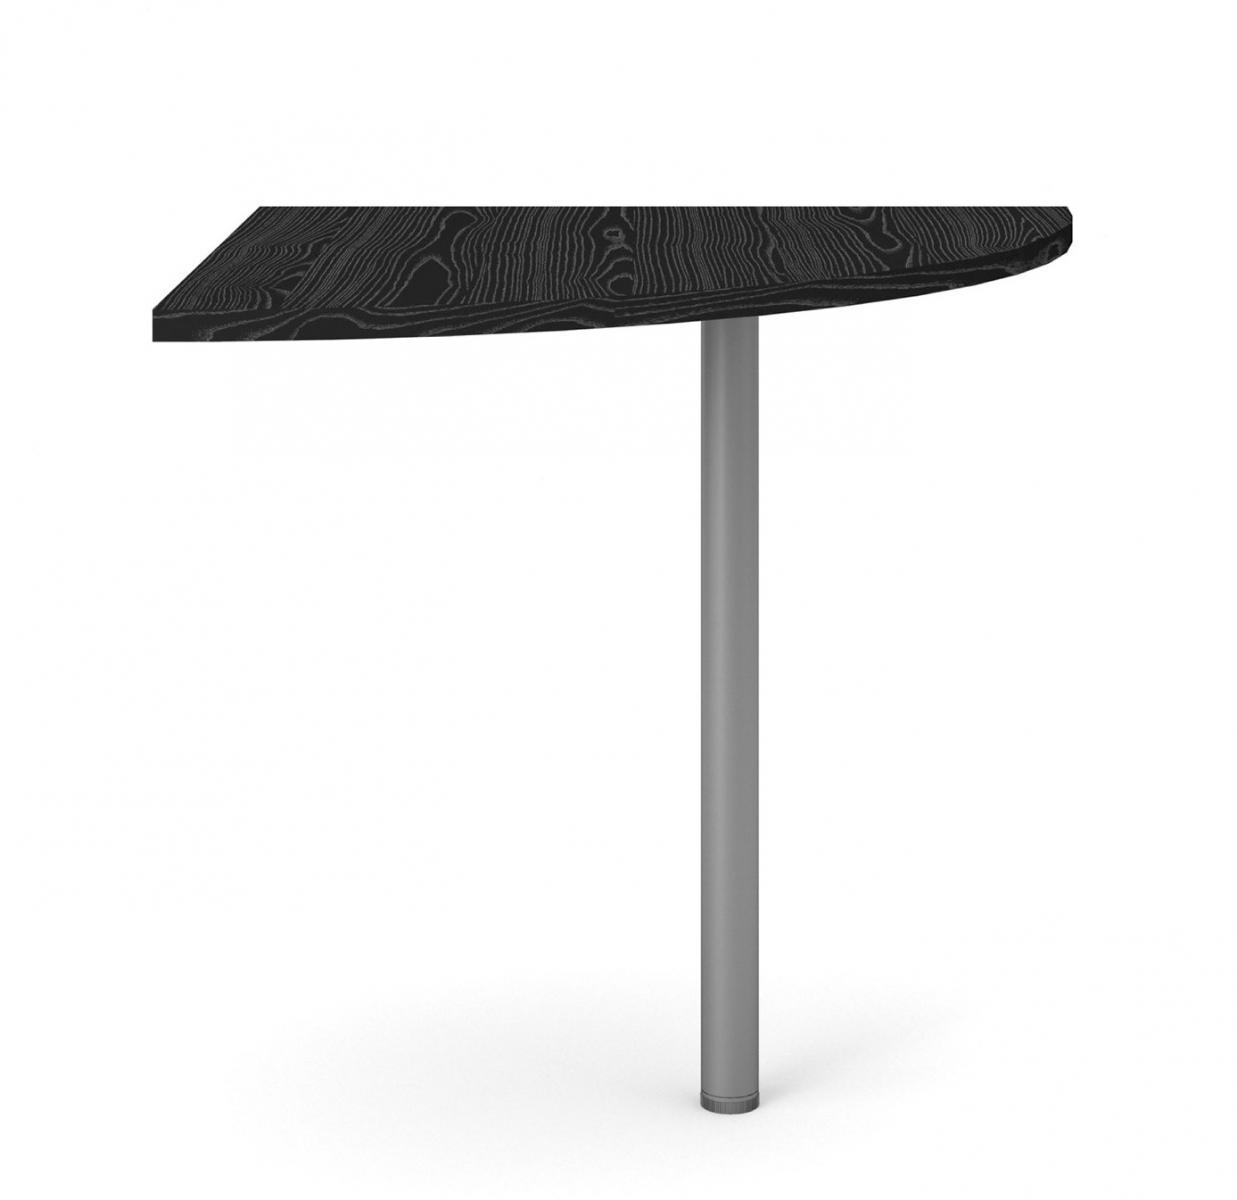 Rohový díl ke stolu Office 458 černá/silver grey